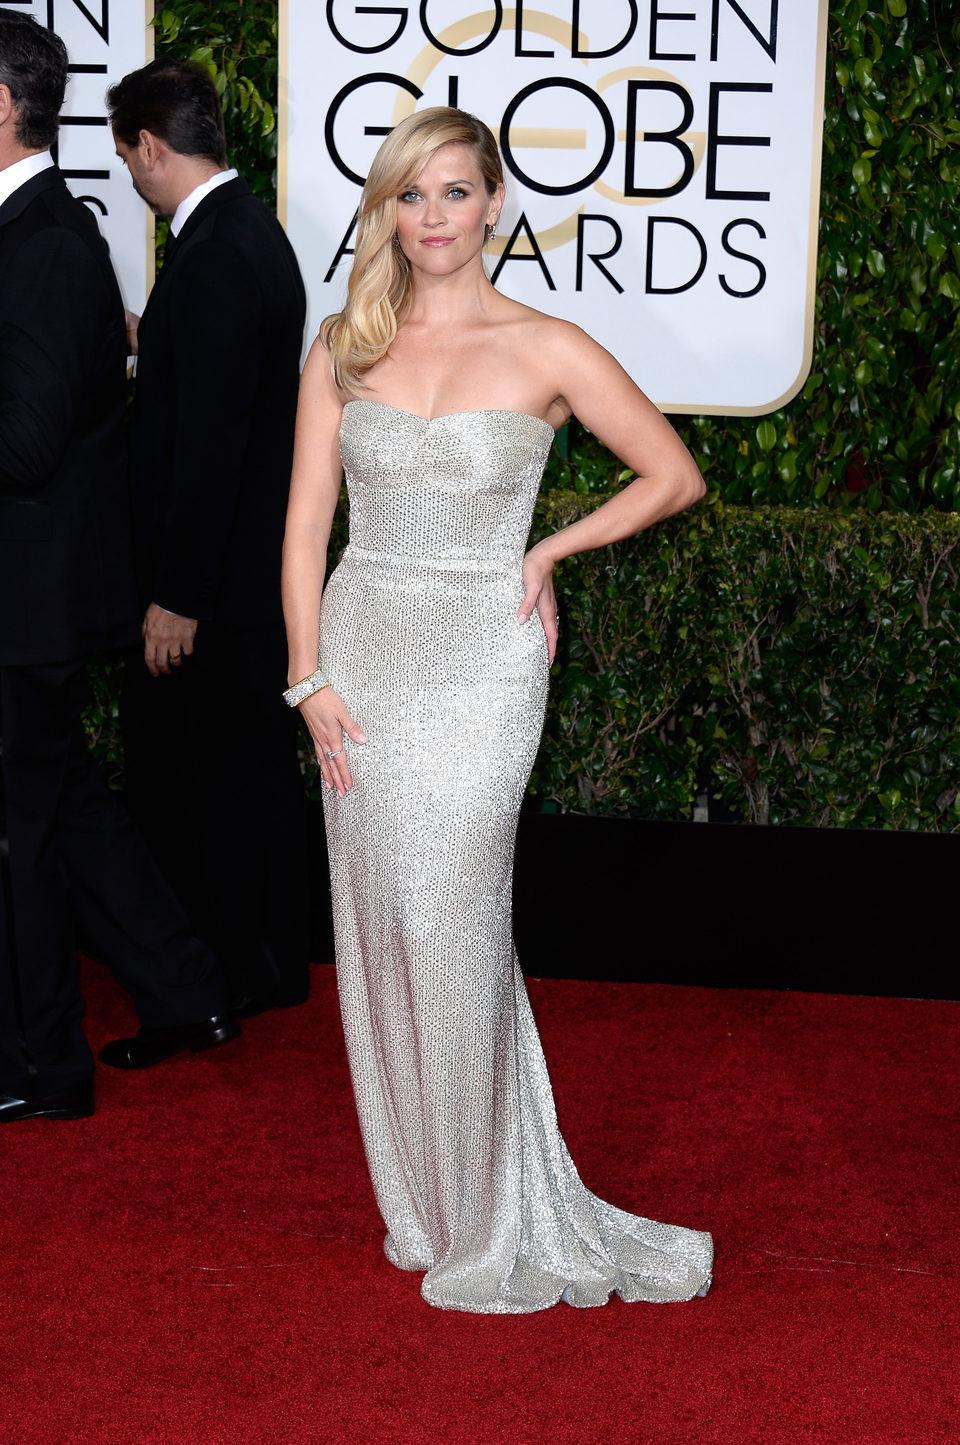 Reese Witherspoon en la alfombra roja de los Globos de Oro 2015